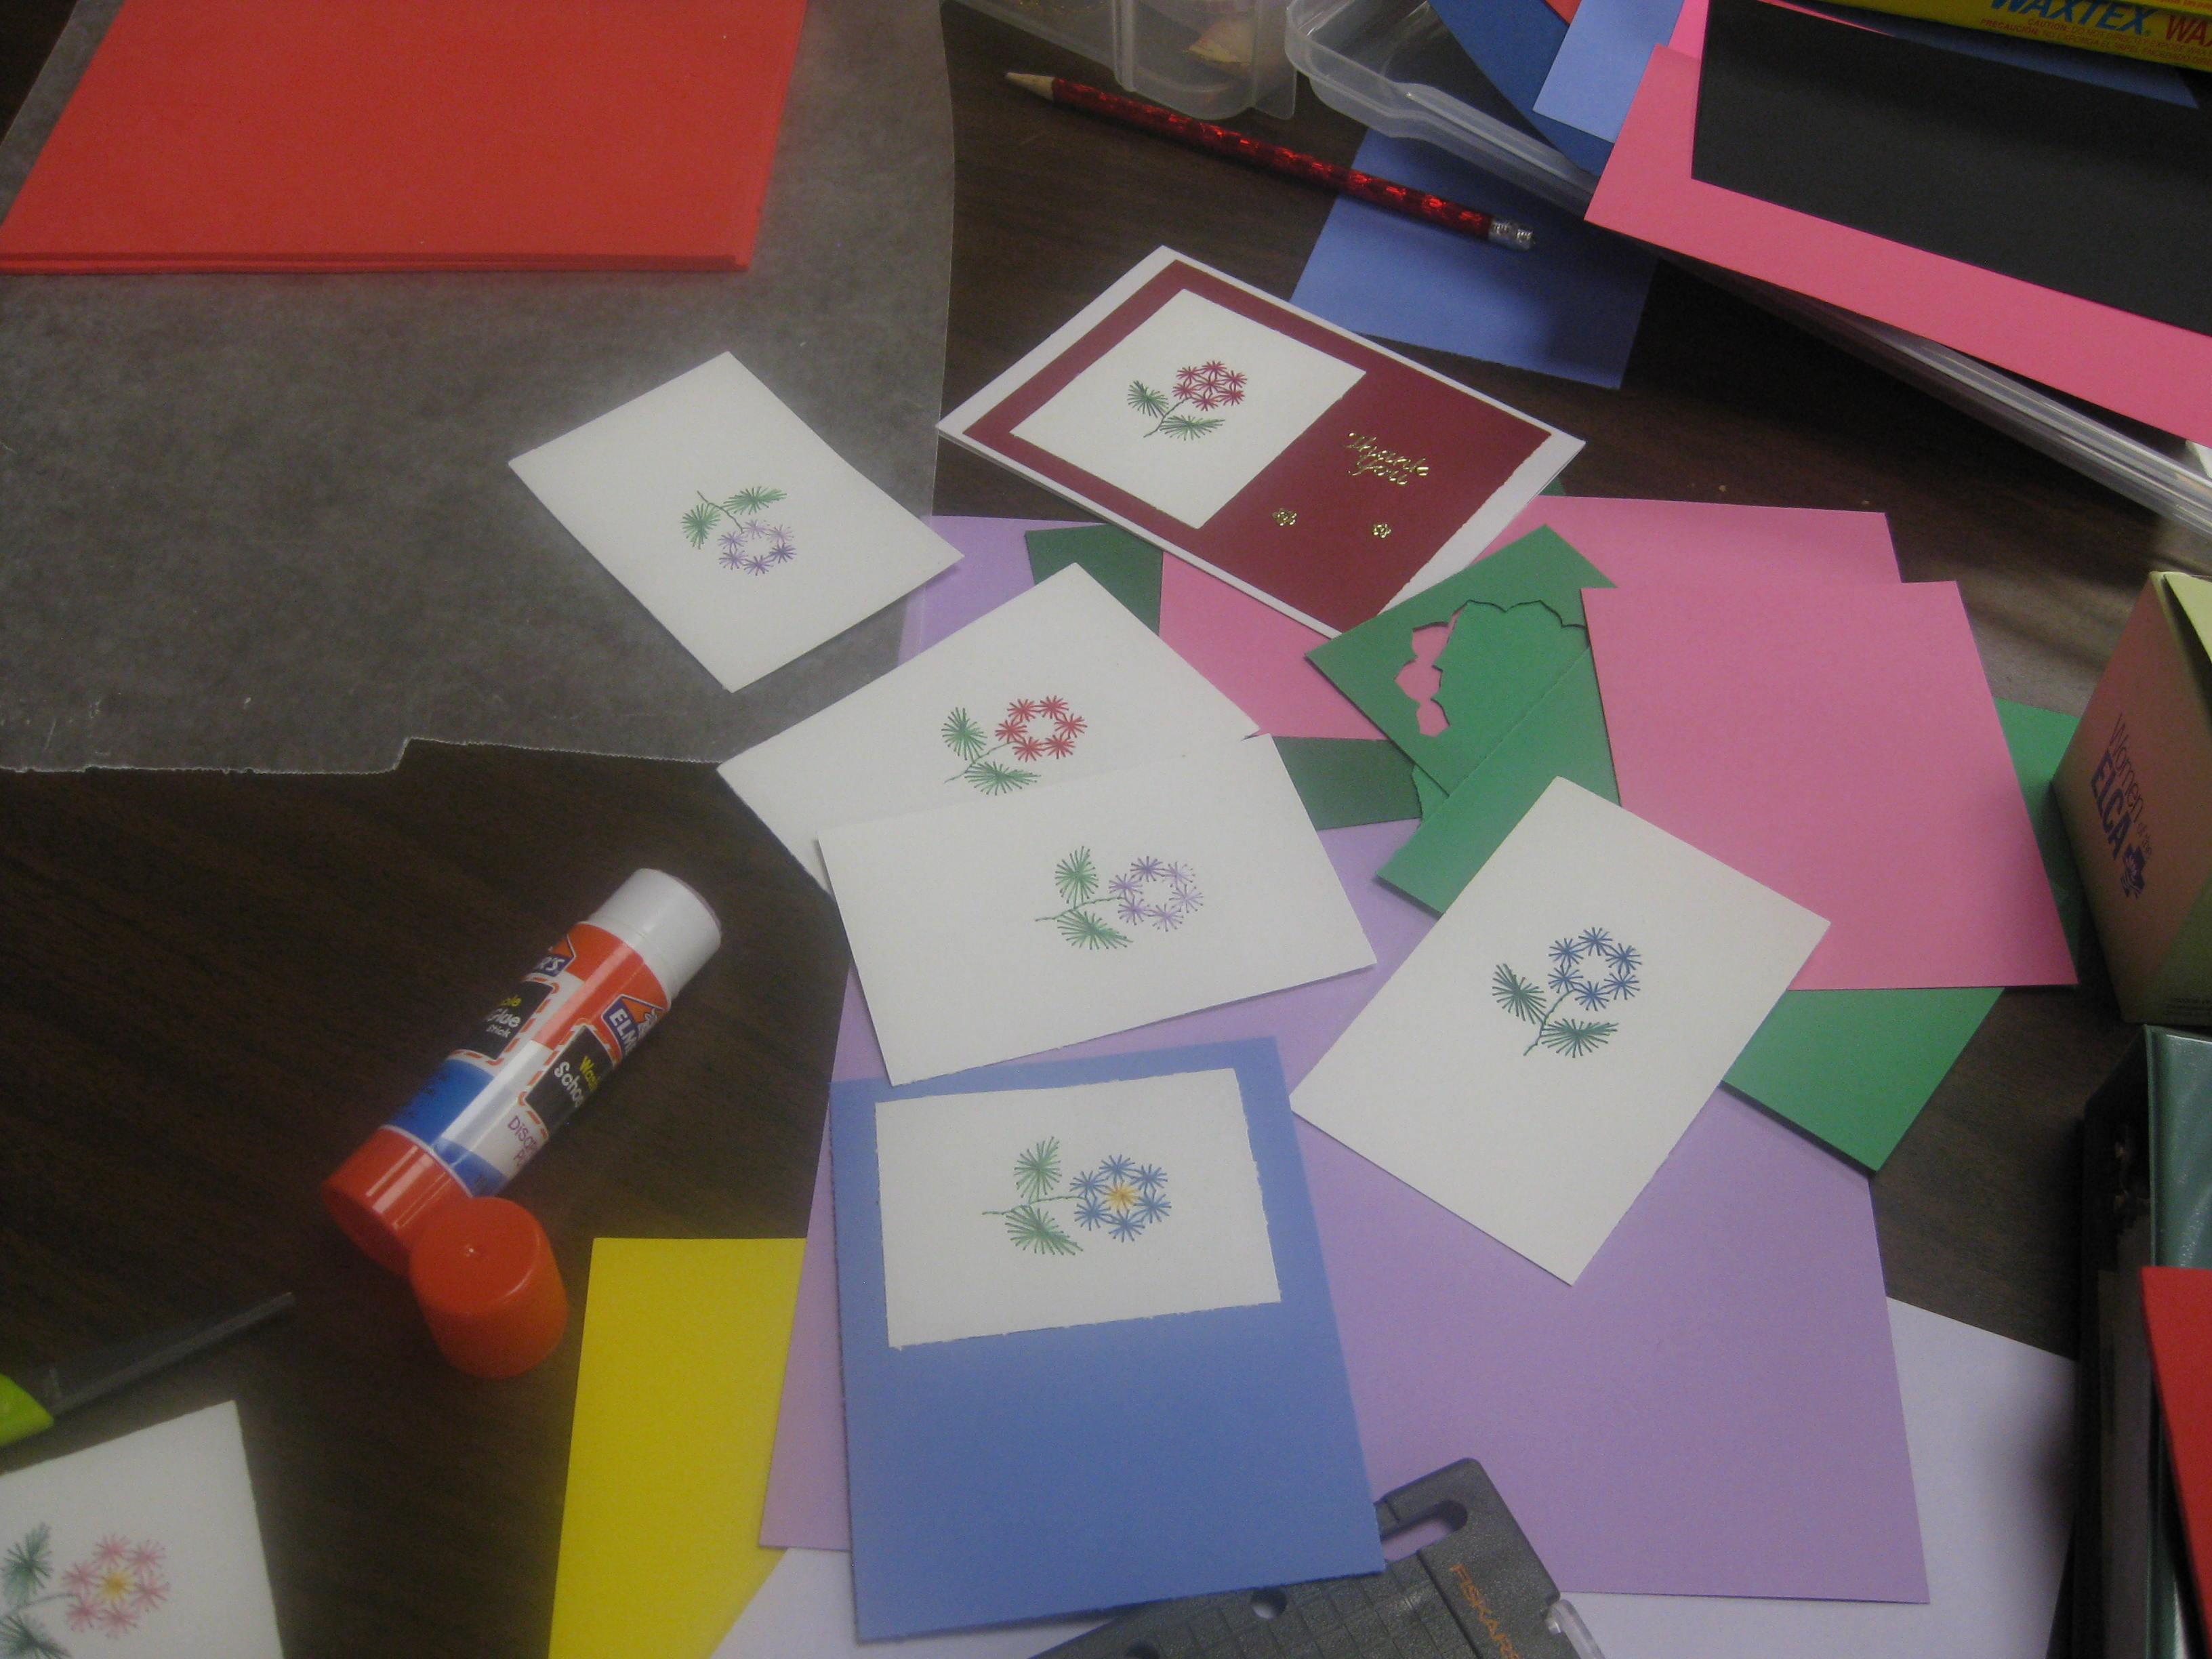 Elsie's cards